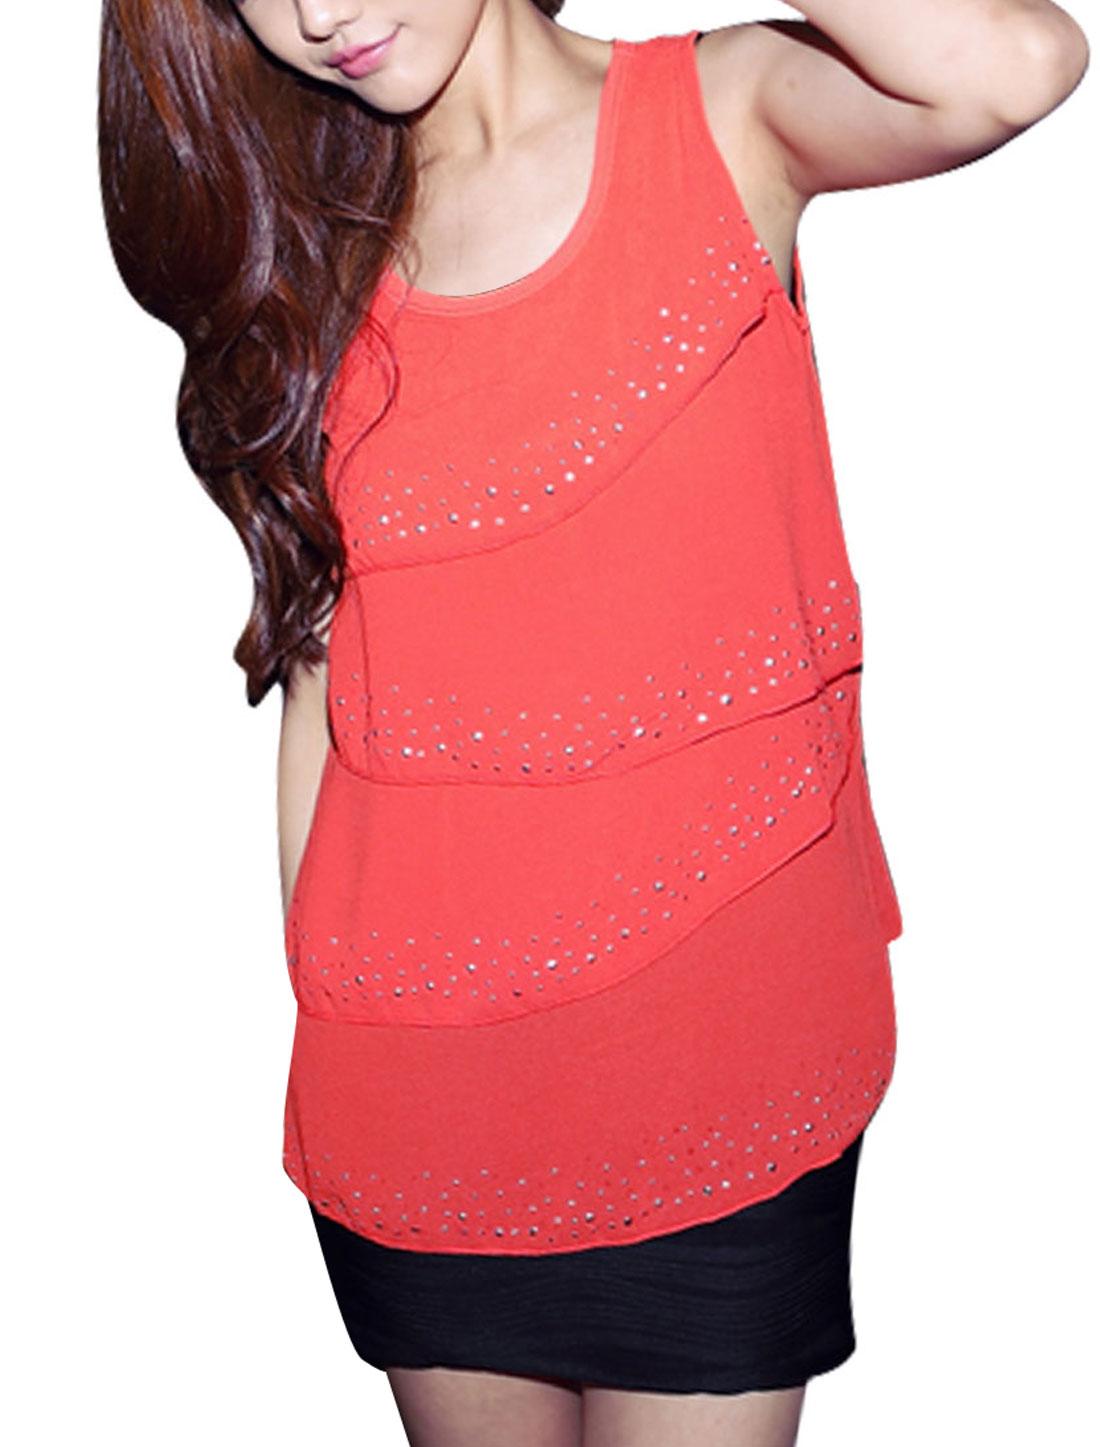 Women NEW Round Neck Tiered Front Design Orange Summer Tank Tops XS